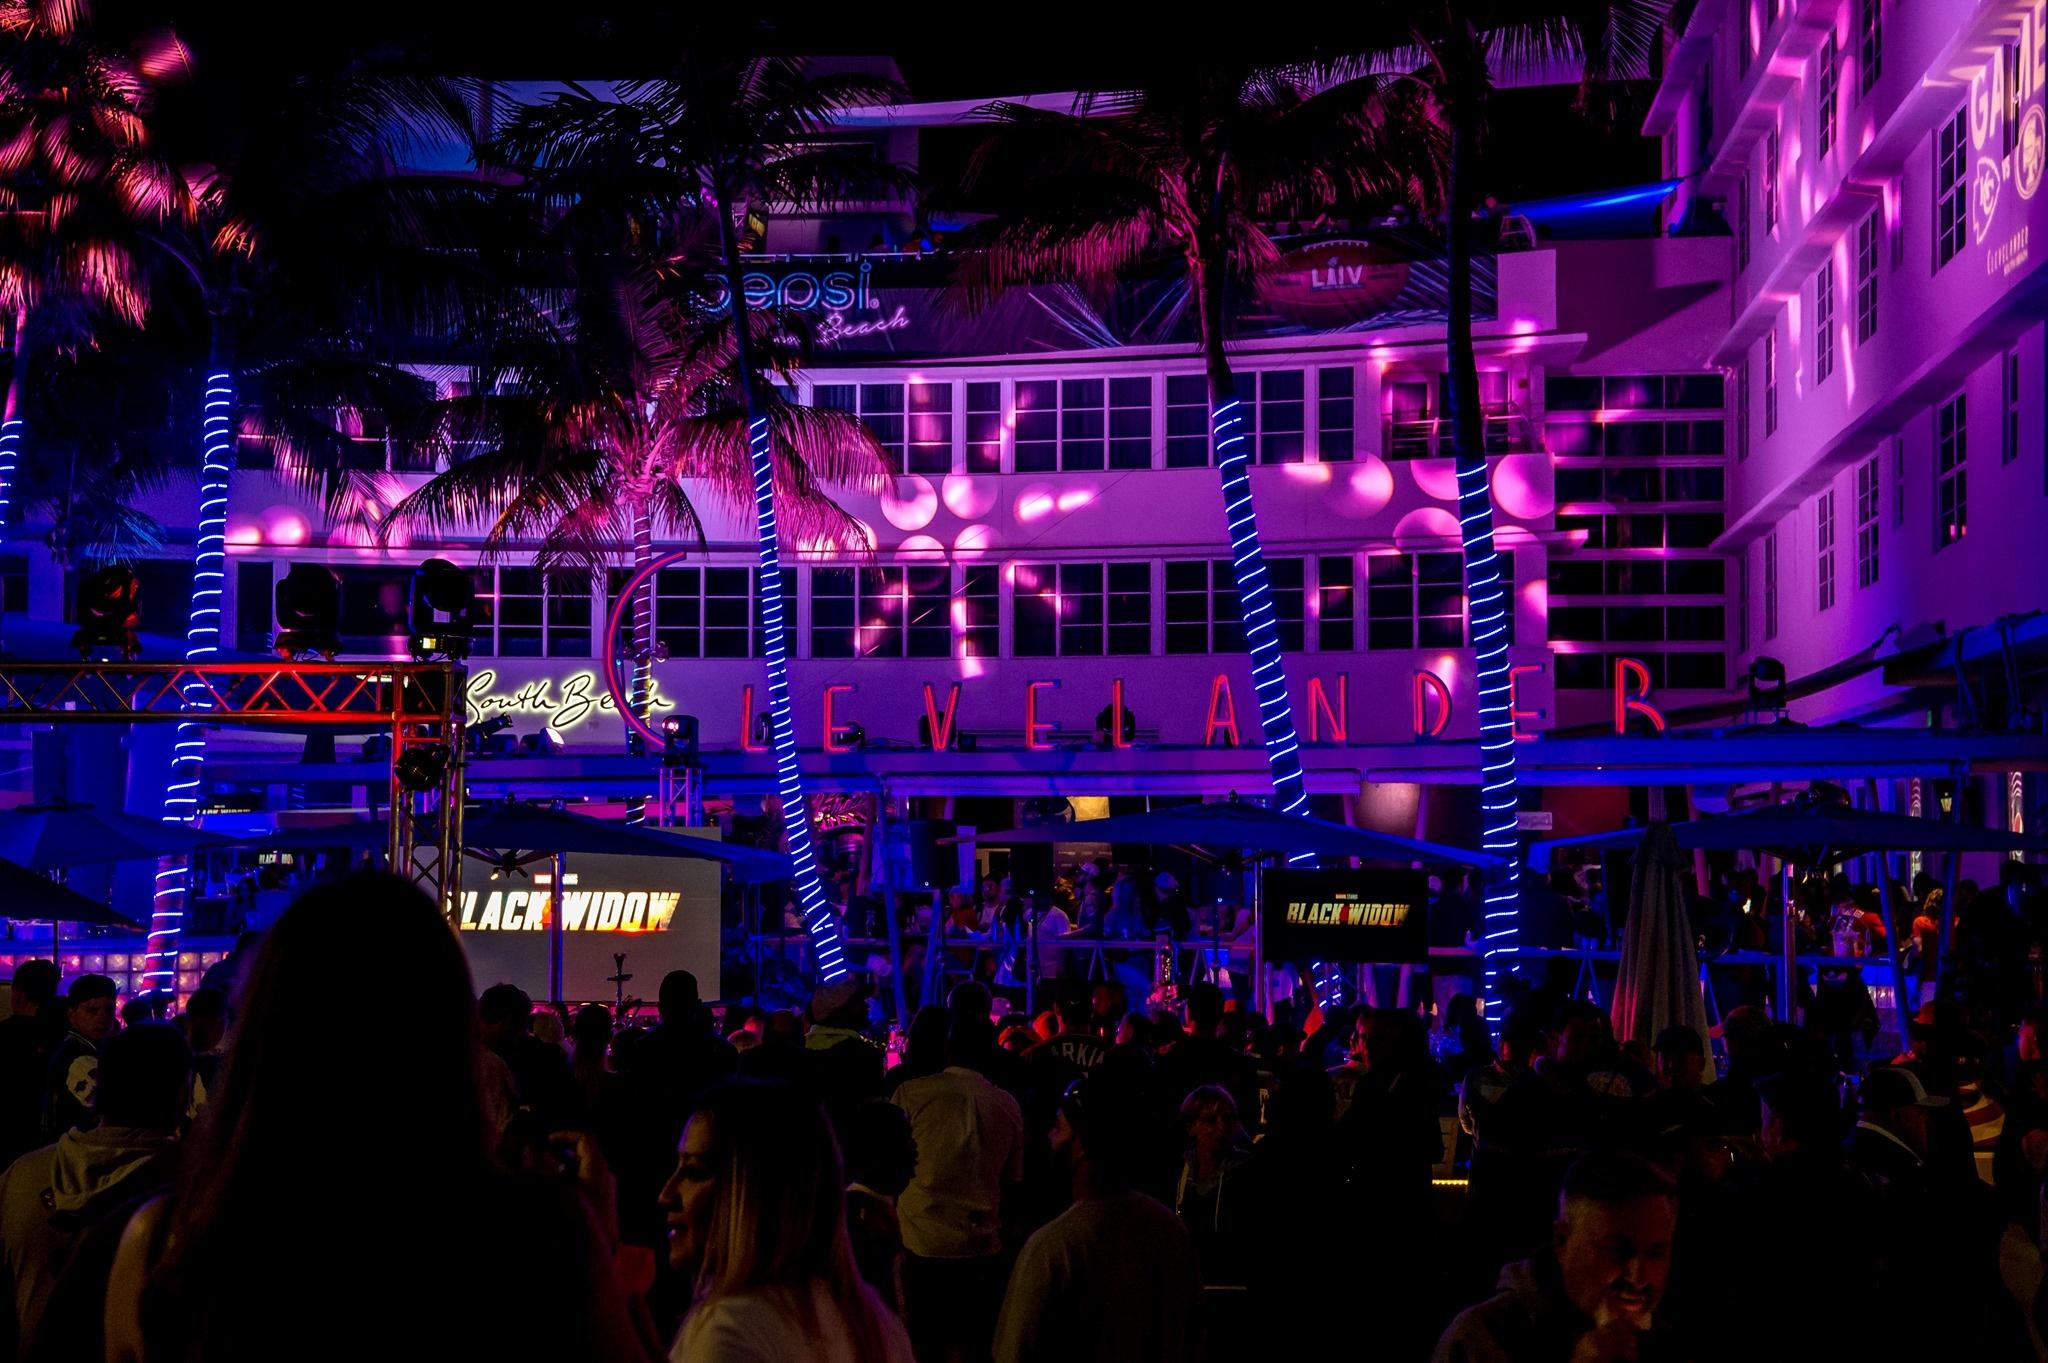 Clevelander South Beach, um dos hotéis mais icônicos de Miami Beach